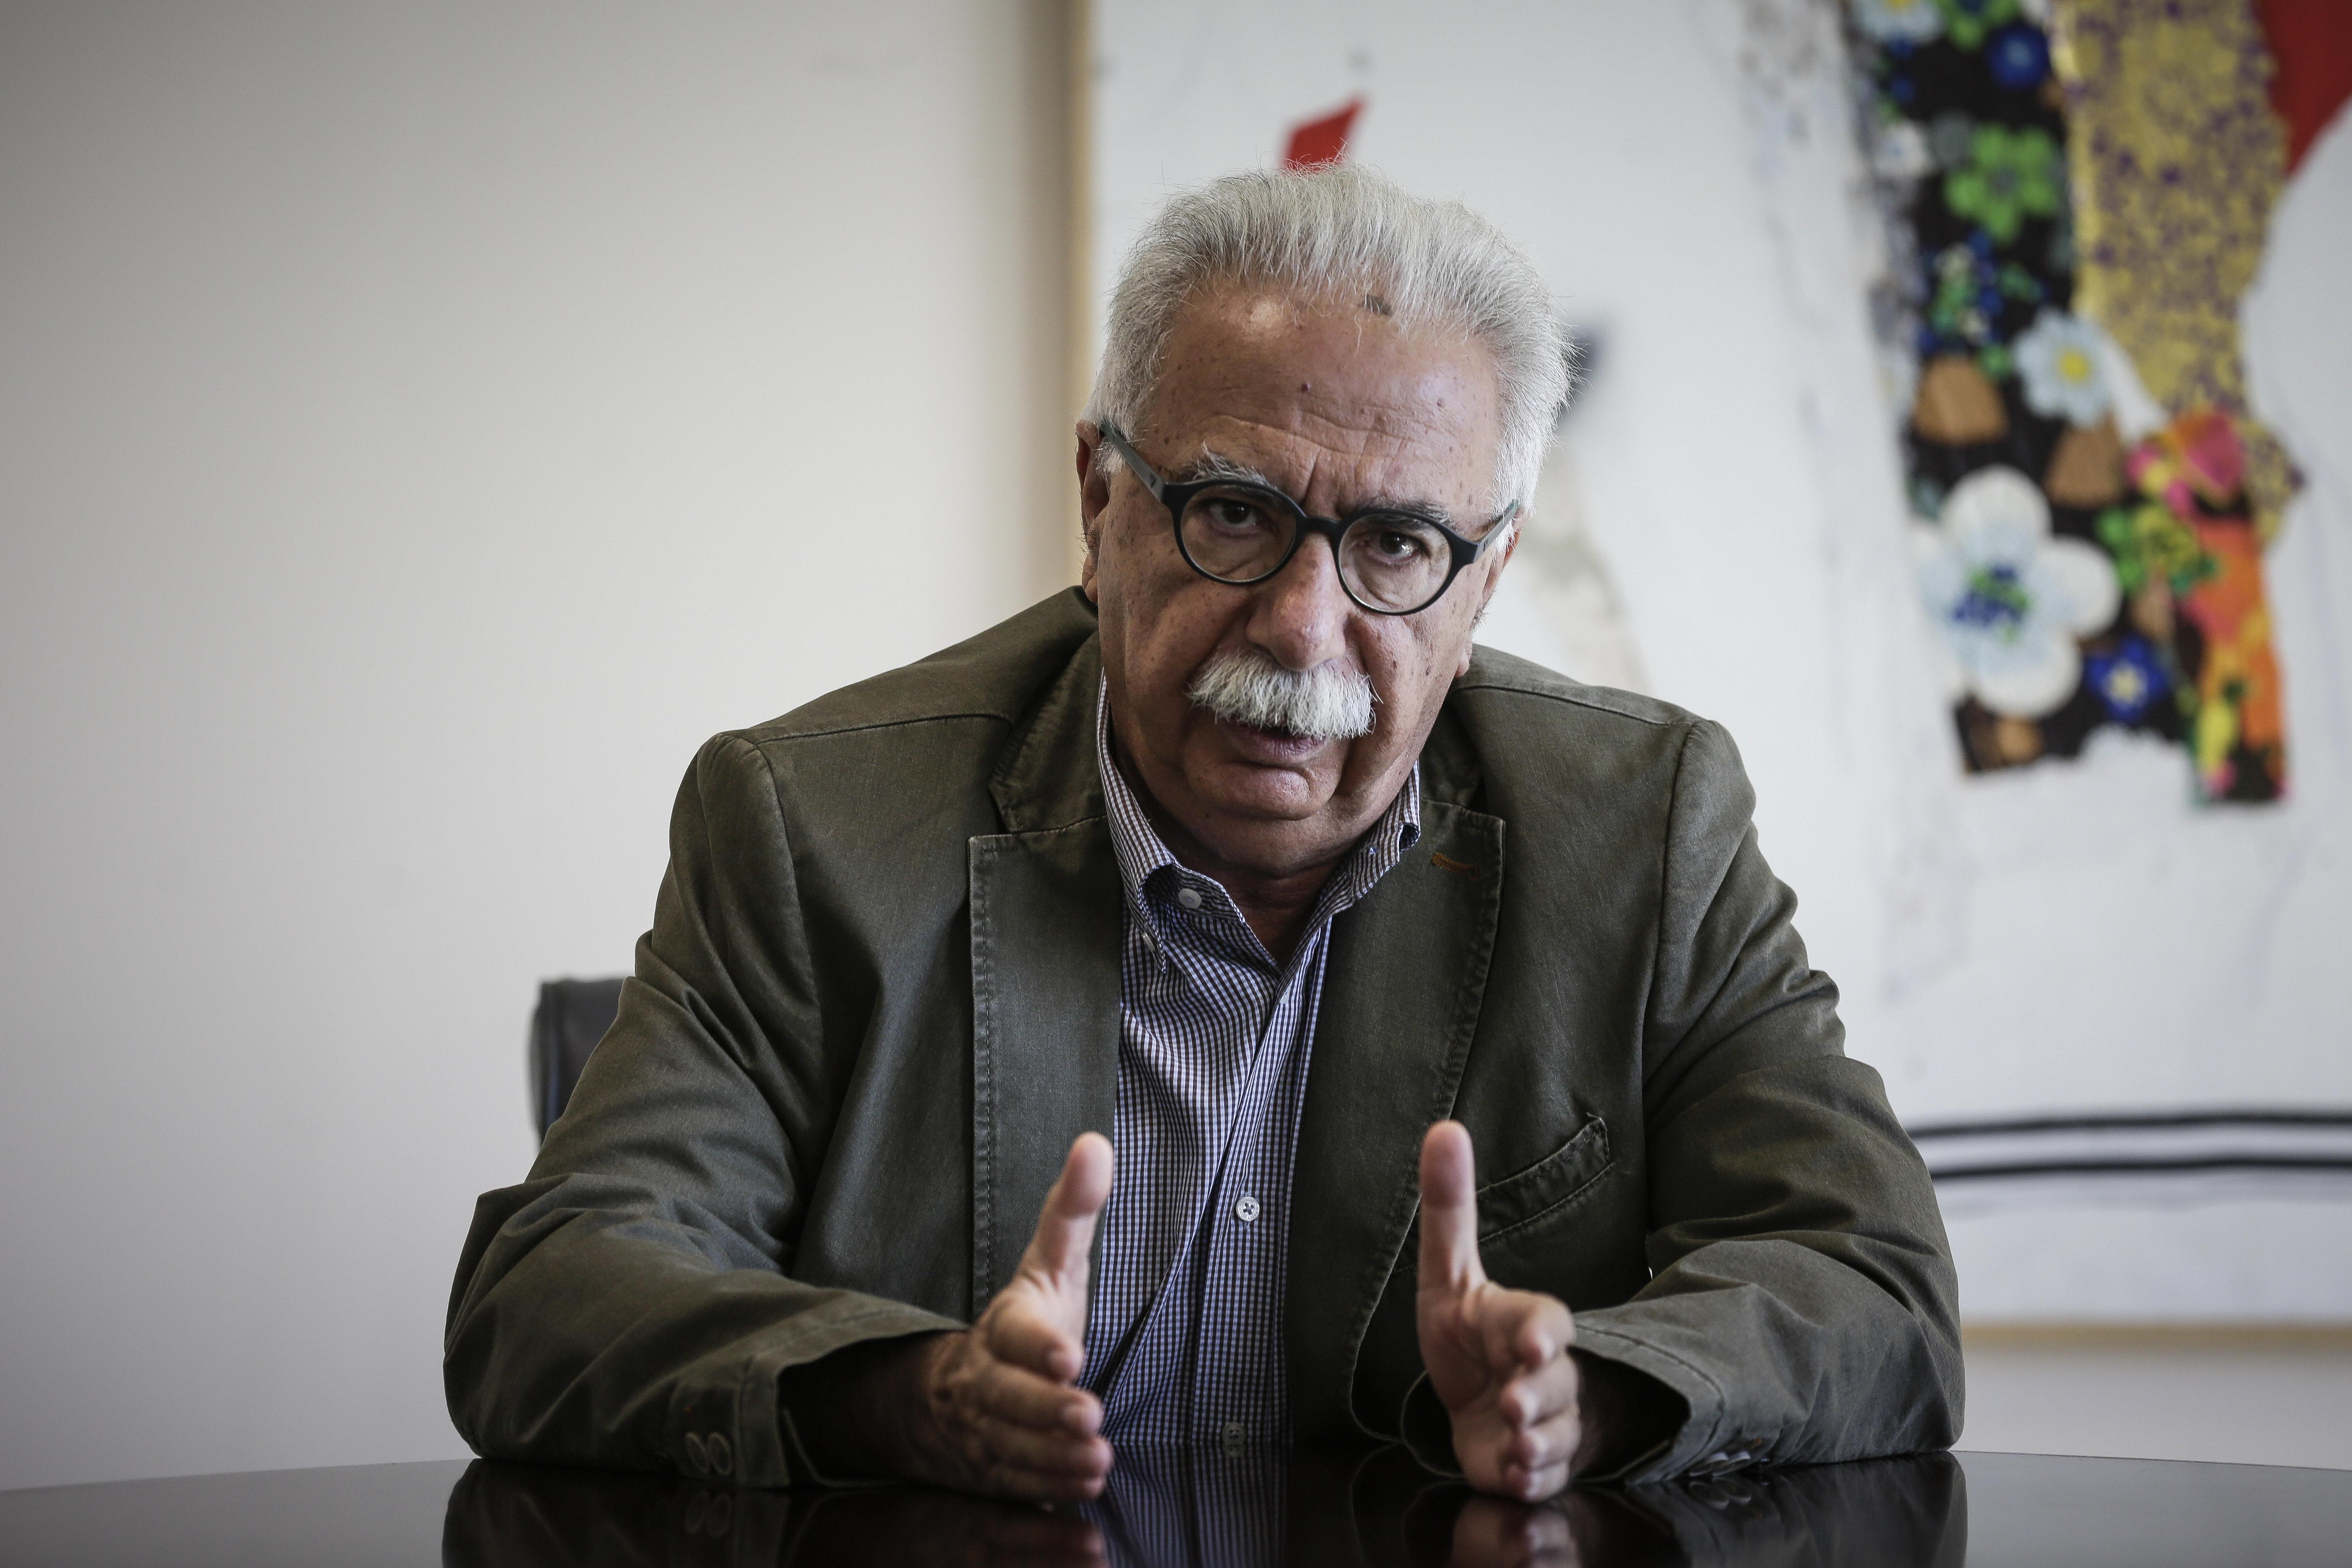 Διορισμούς 15.000 εκπαιδευτικών ανακοίνωσε ο Γαβρόγλου. Ζητά ιδέες πώς να